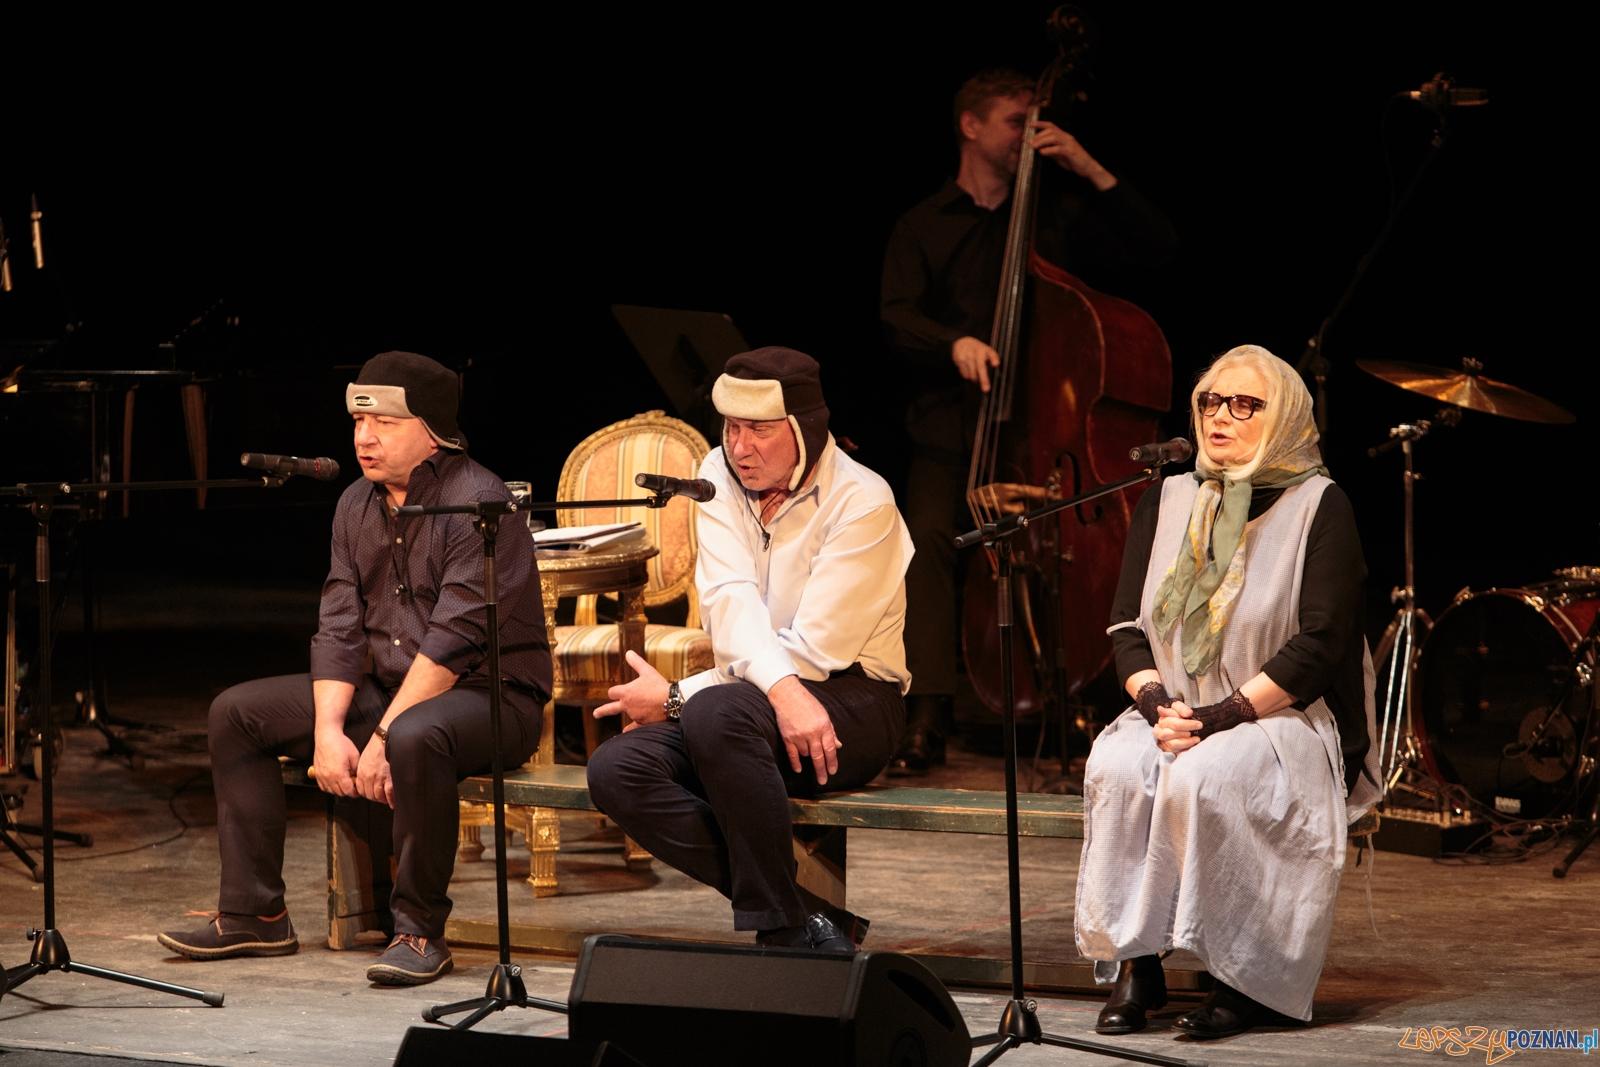 Piosenki Starszych Panów - Teatr Wielki - Poznań 03.04.2017 r.  Foto: LepszyPOZNAN.pl / Paweł Rychter